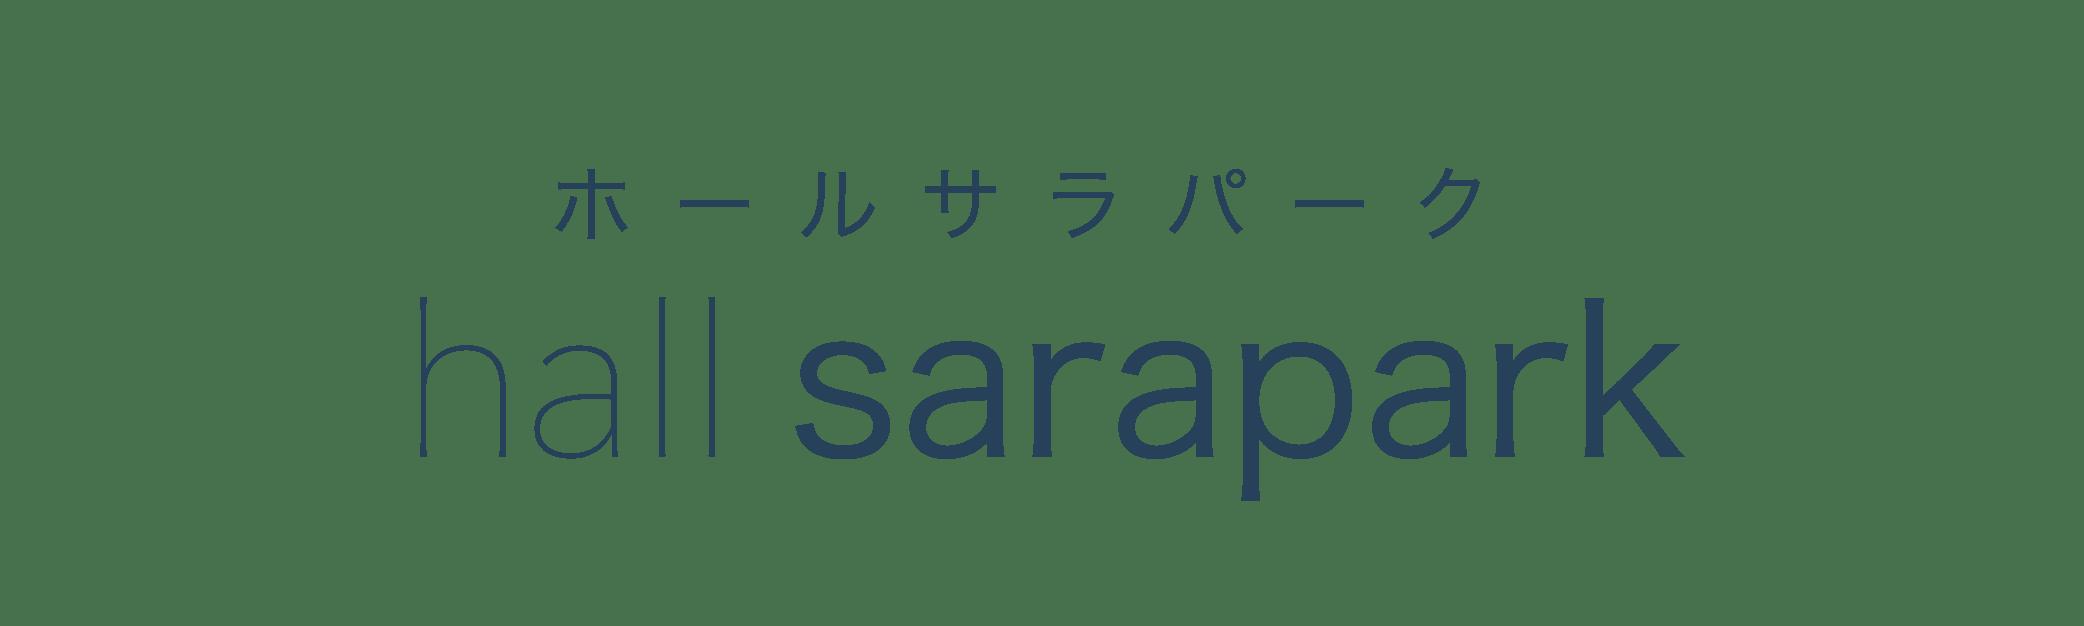 hall sarapark(ホールサラパーク)